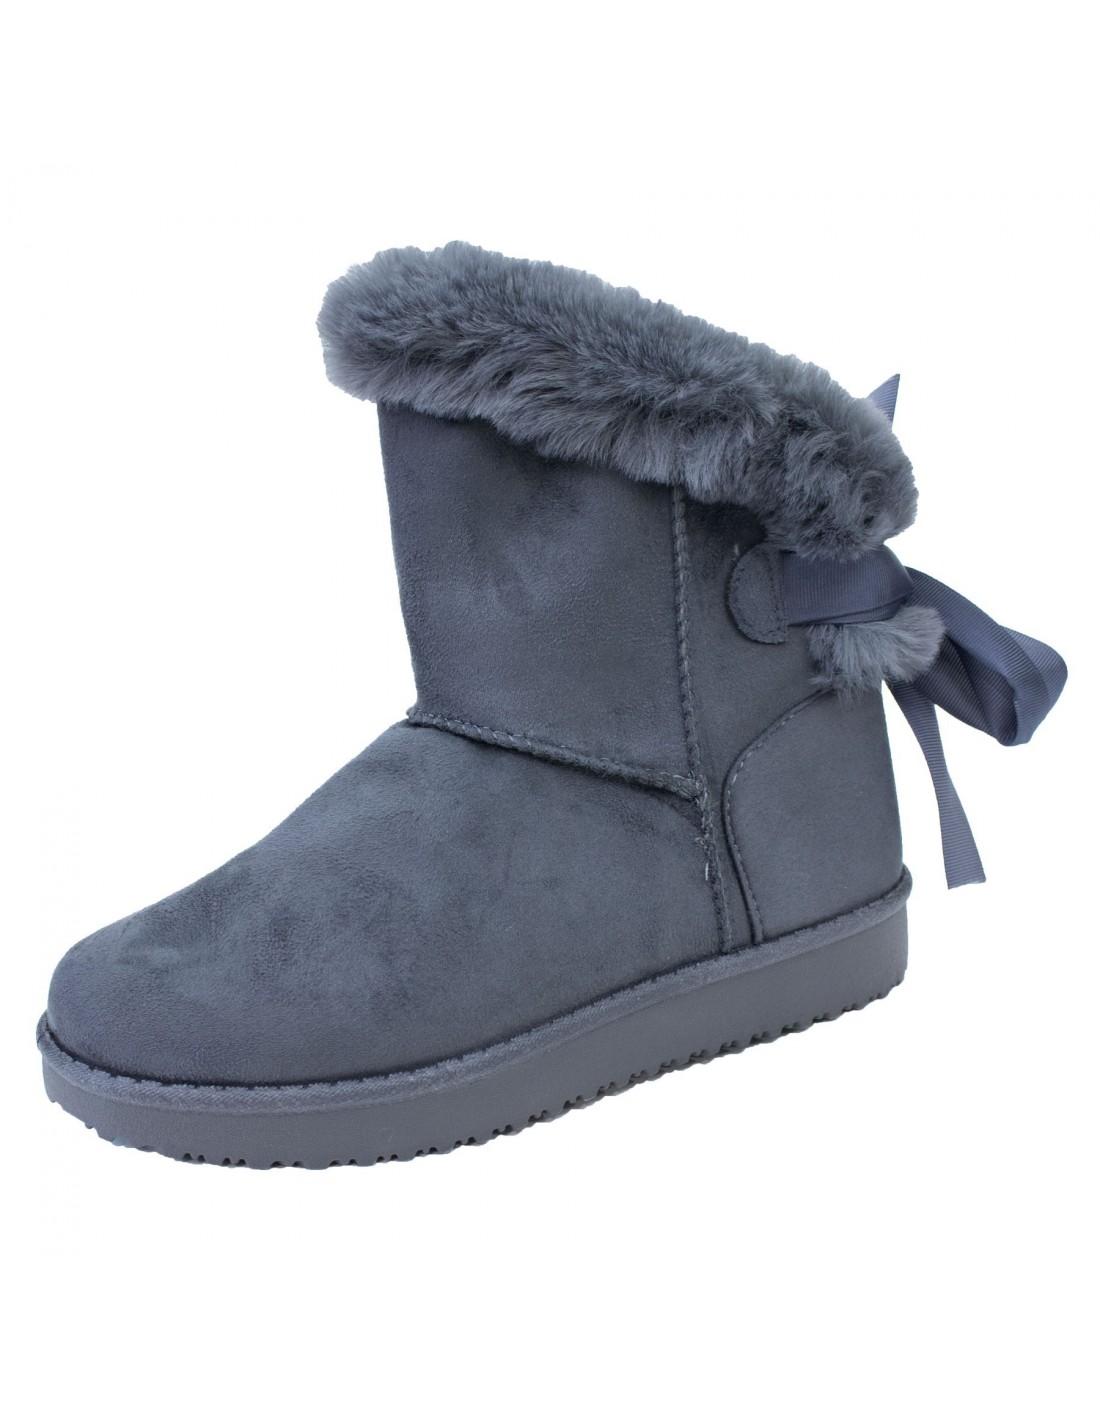 boots femme fourr es grises fantaisie ruban fourrure synth tique. Black Bedroom Furniture Sets. Home Design Ideas